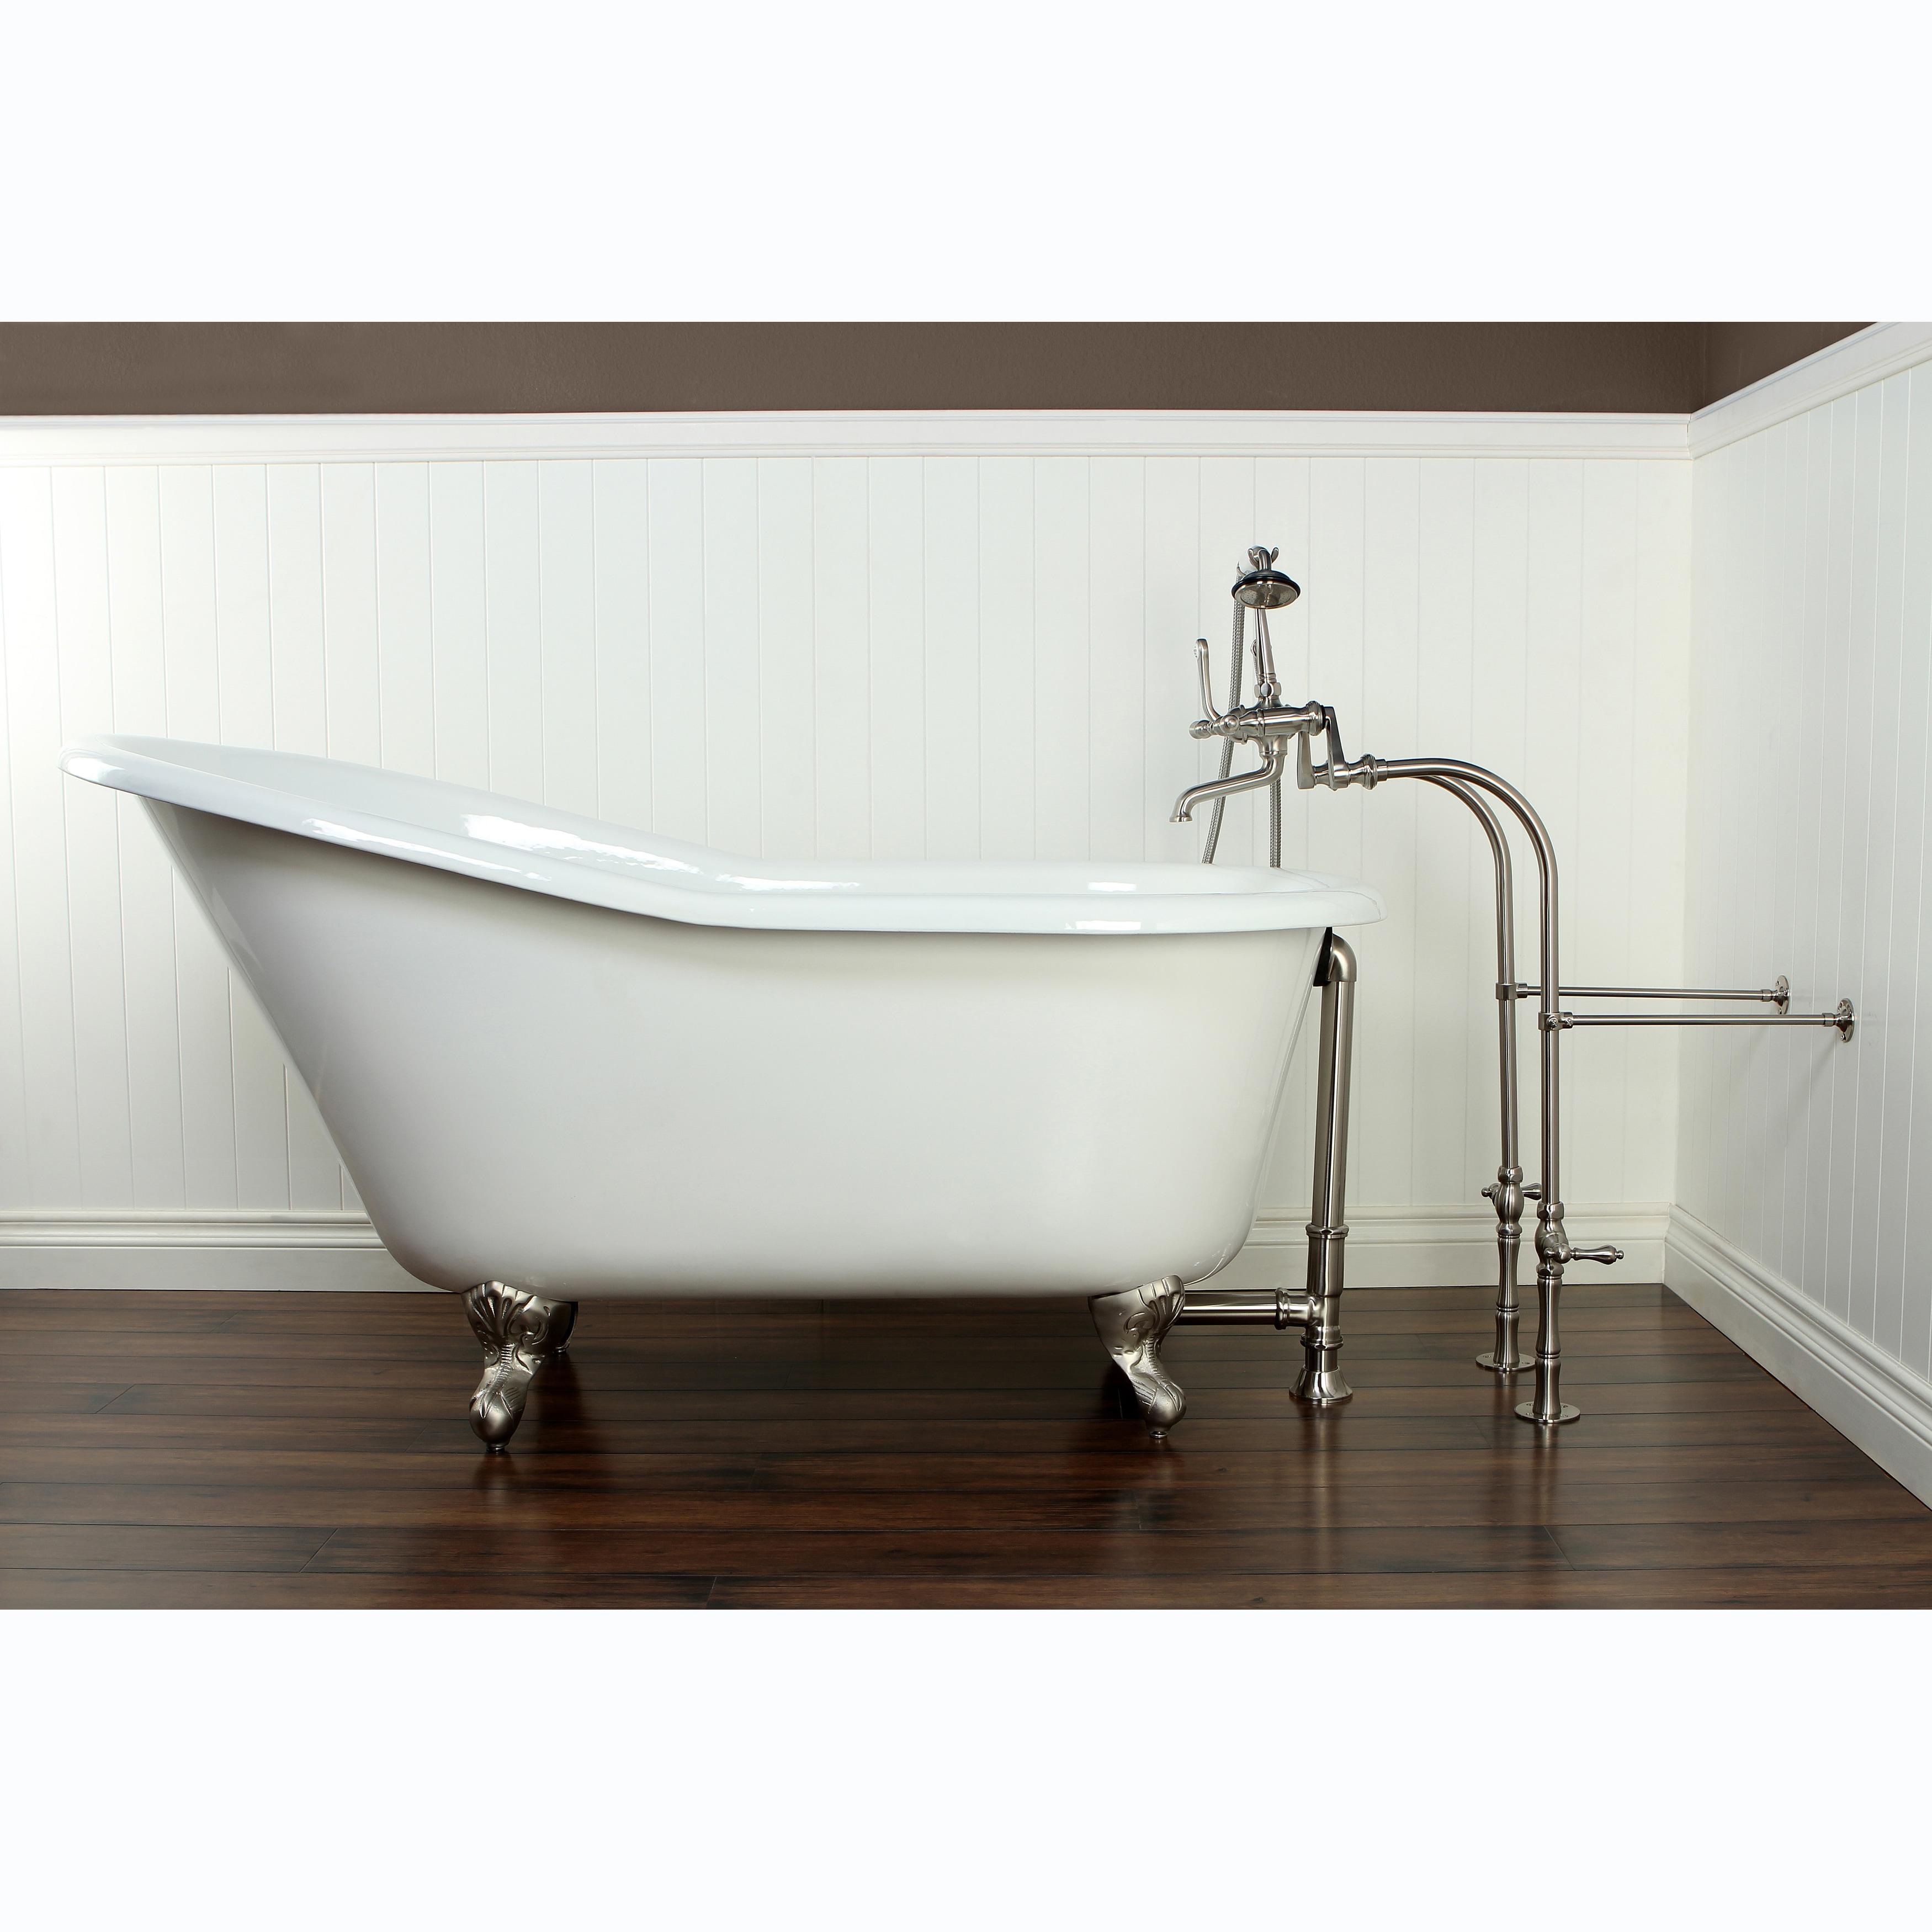 Slipper Cast Iron 60 Inch Clawfoot Bathtub